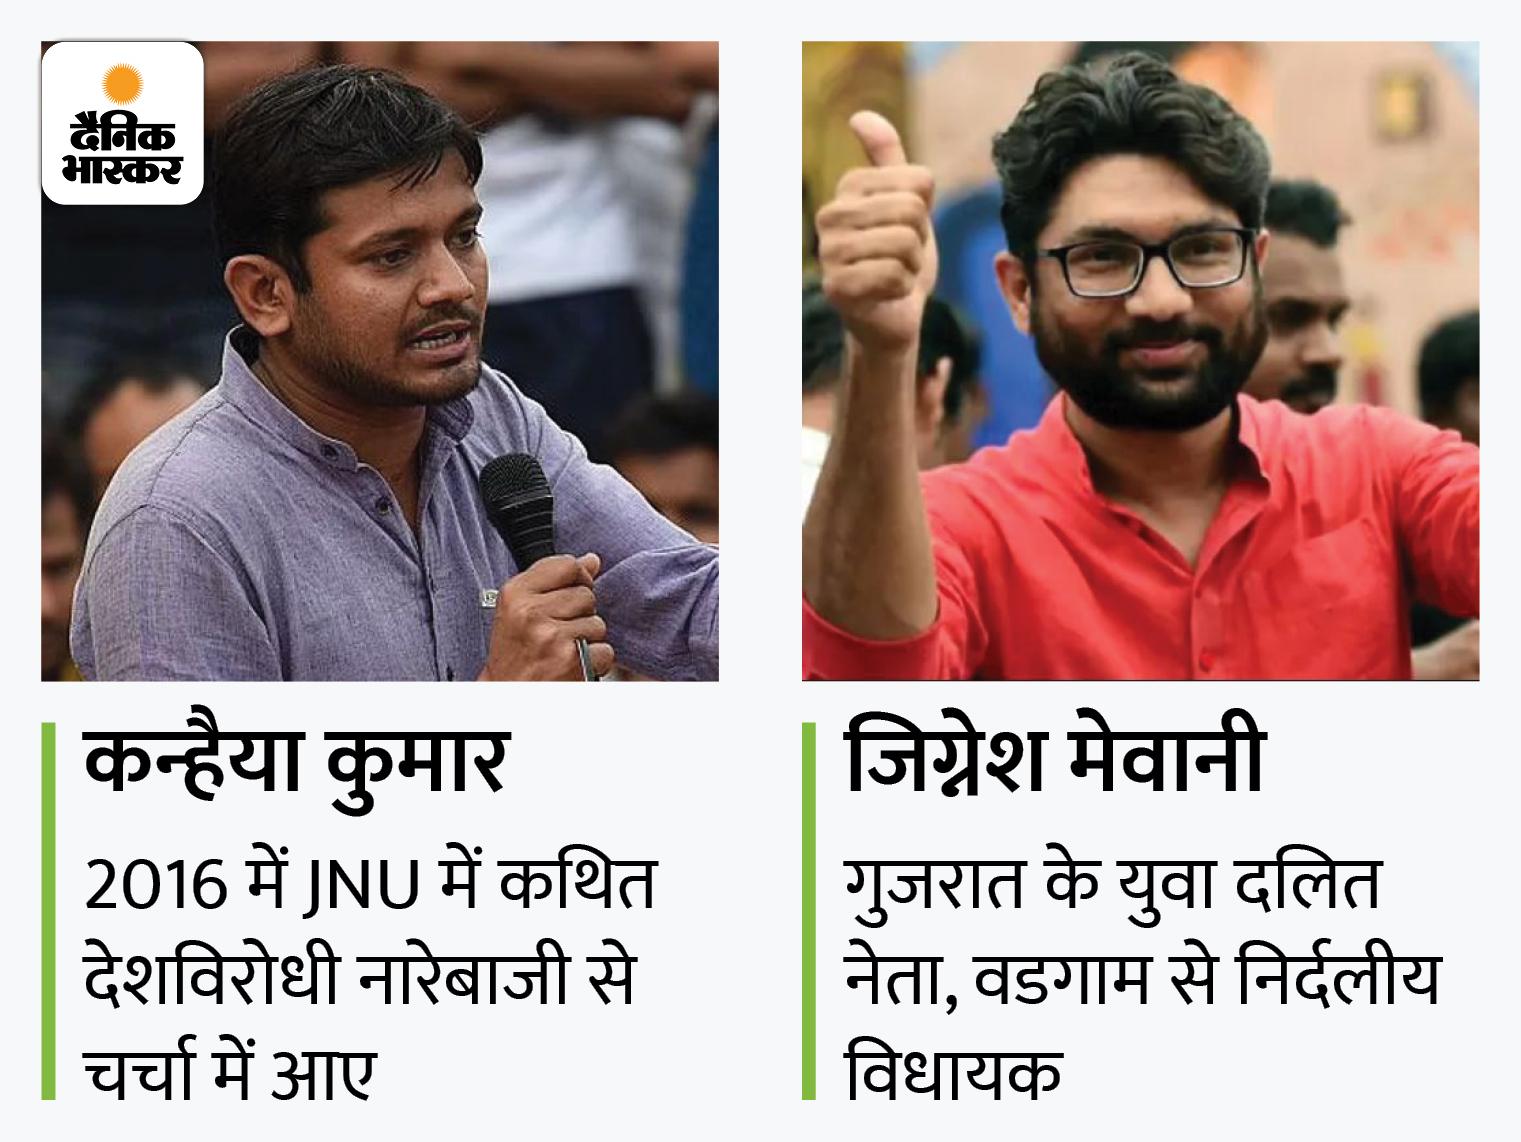 कन्हैया कुमार और जिग्नेश मेवानी आज कांग्रेस में शामिल होंगे, राहुल गांधी दिलवाएंगे सदस्यता|देश,National - Dainik Bhaskar